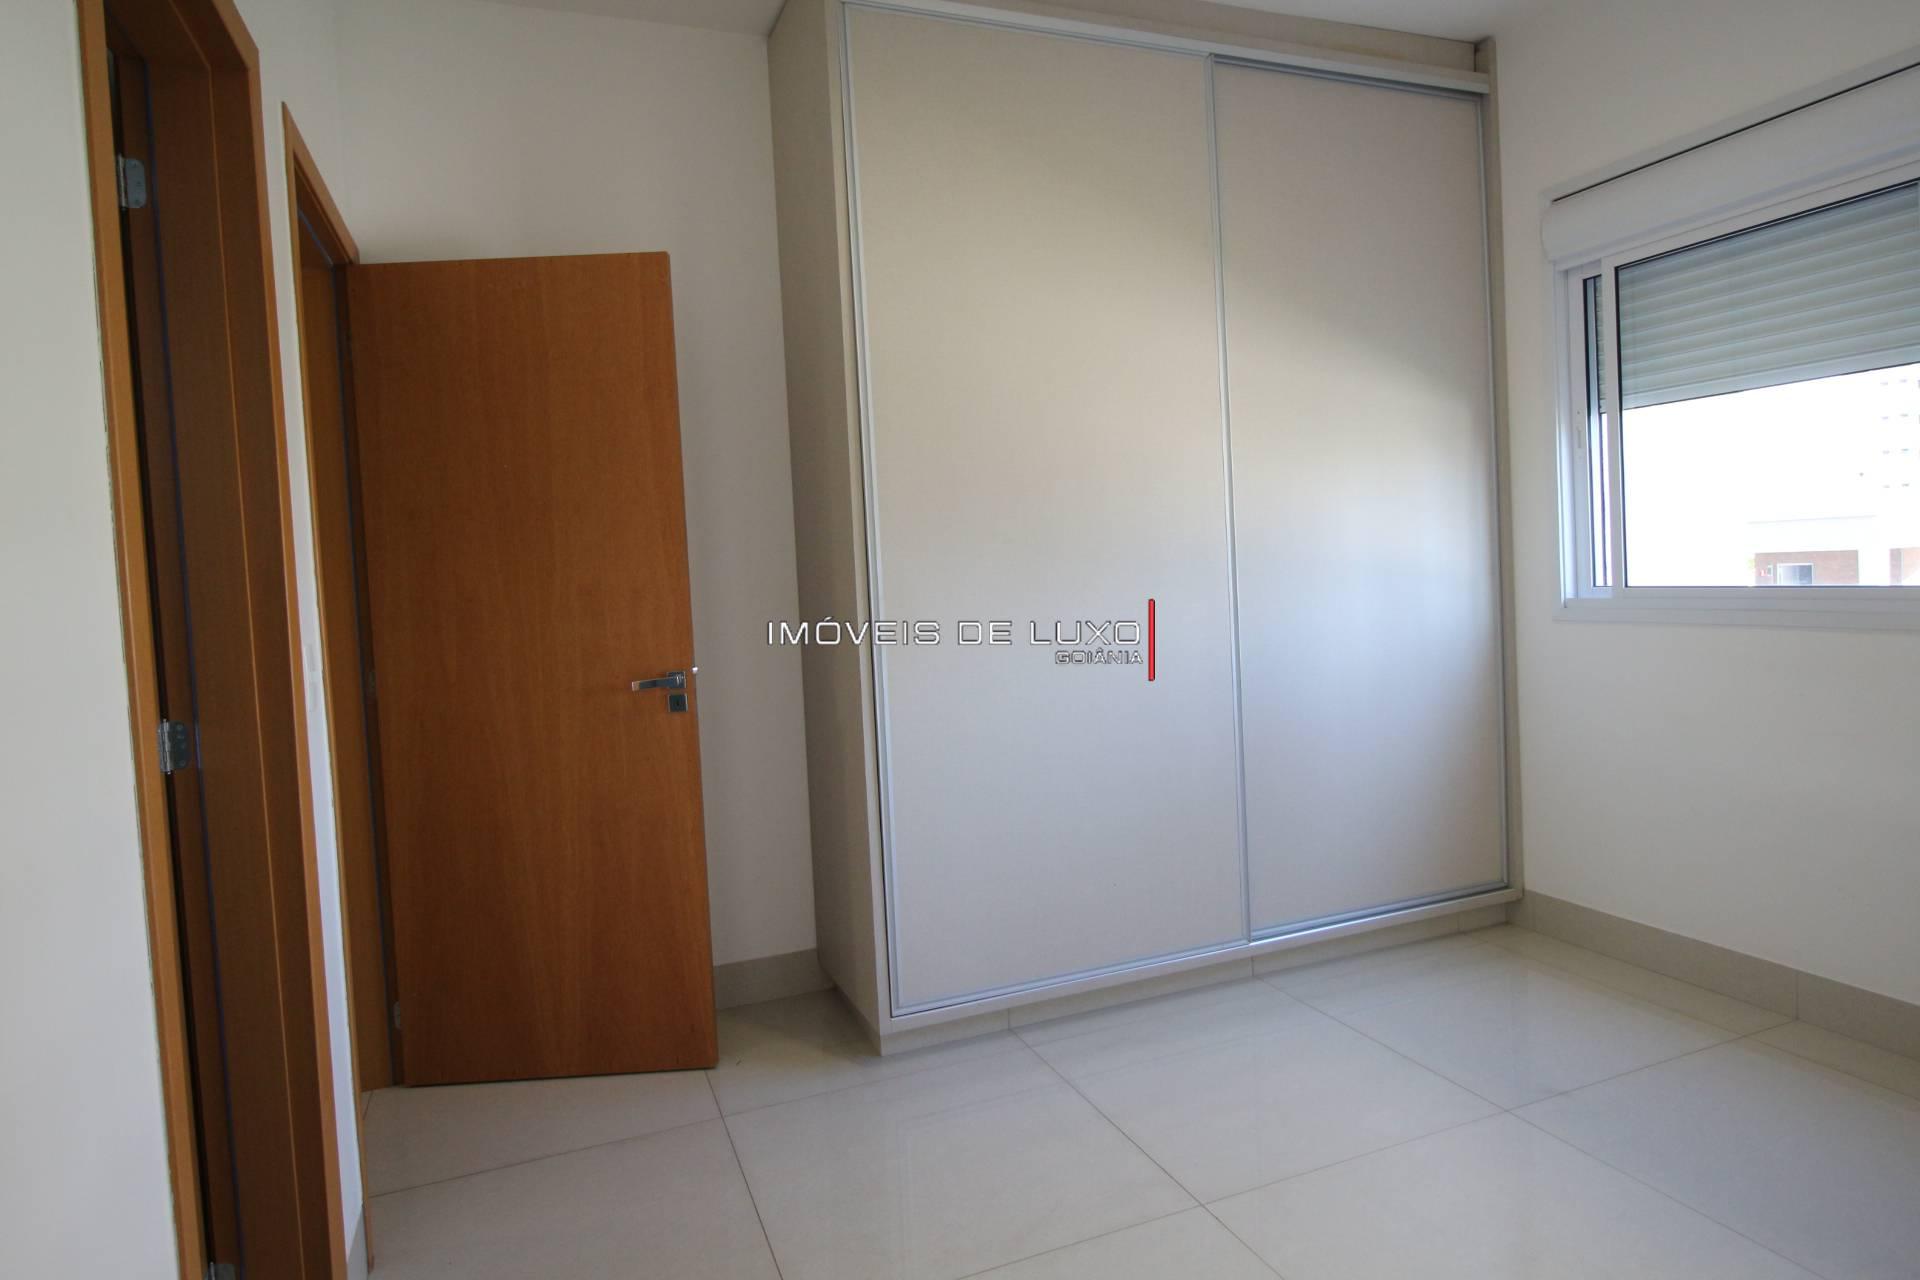 Imóveis de Luxo - Apartamento 191 m com armários no Setor Bueno